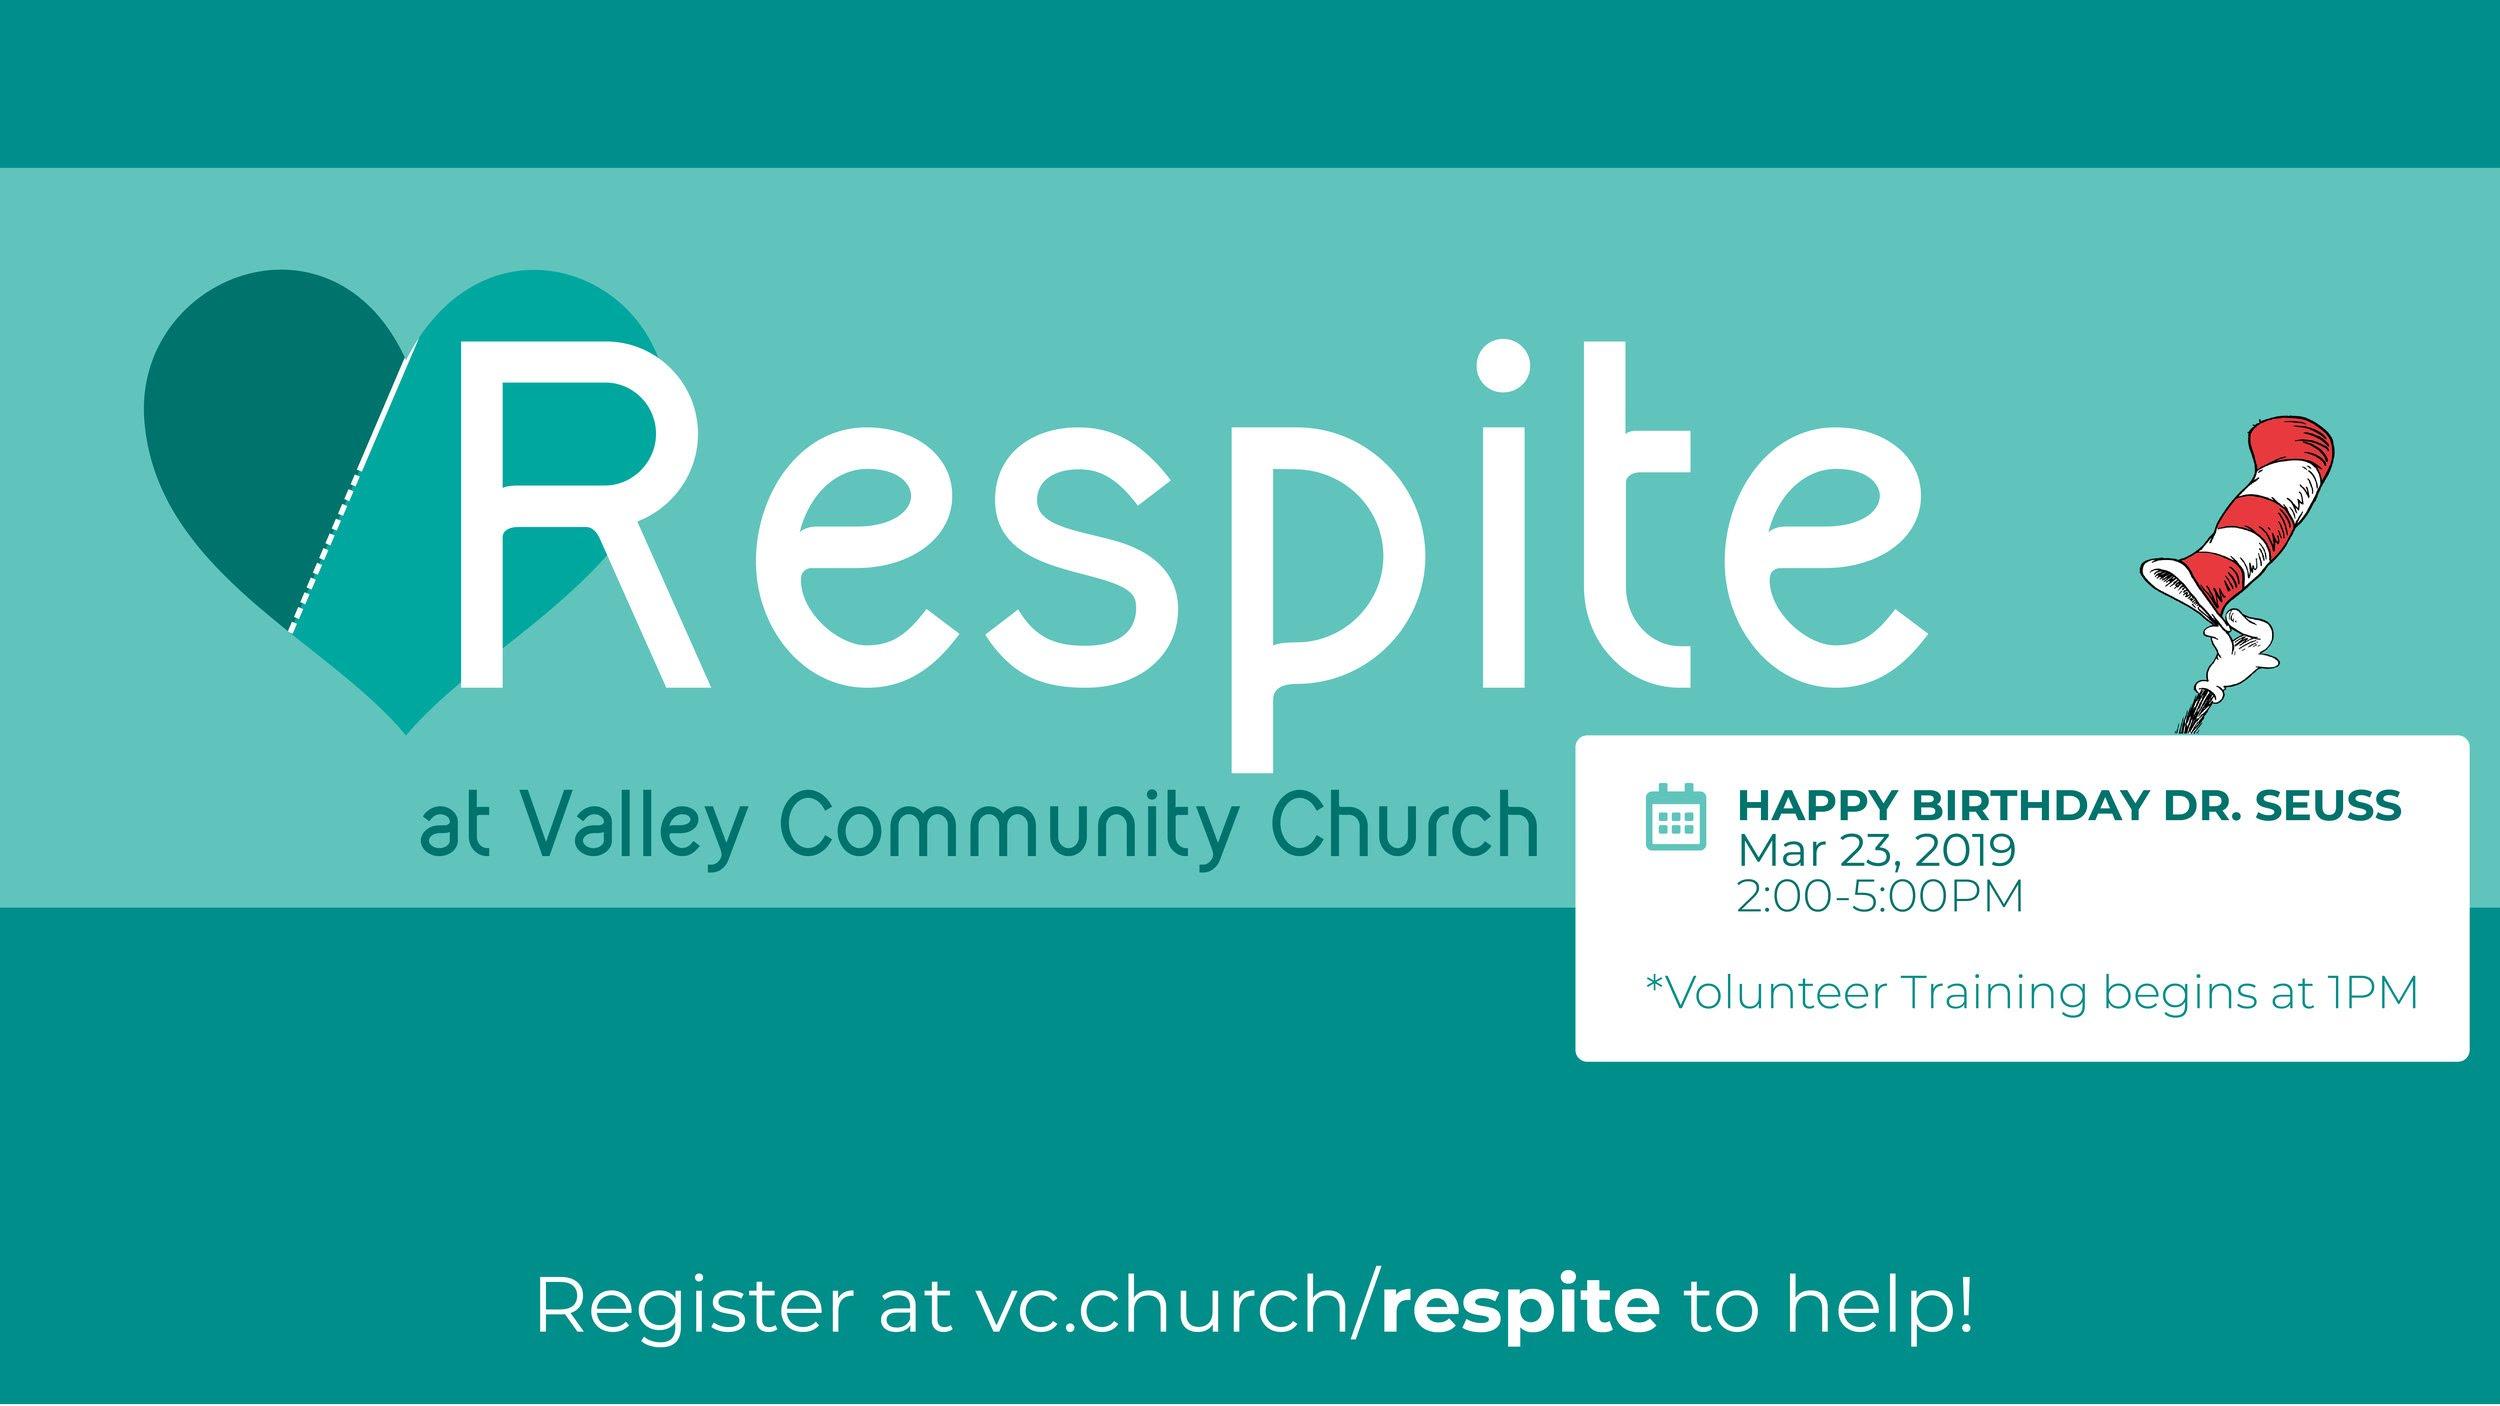 https://www.valleycommunity.church/respite/